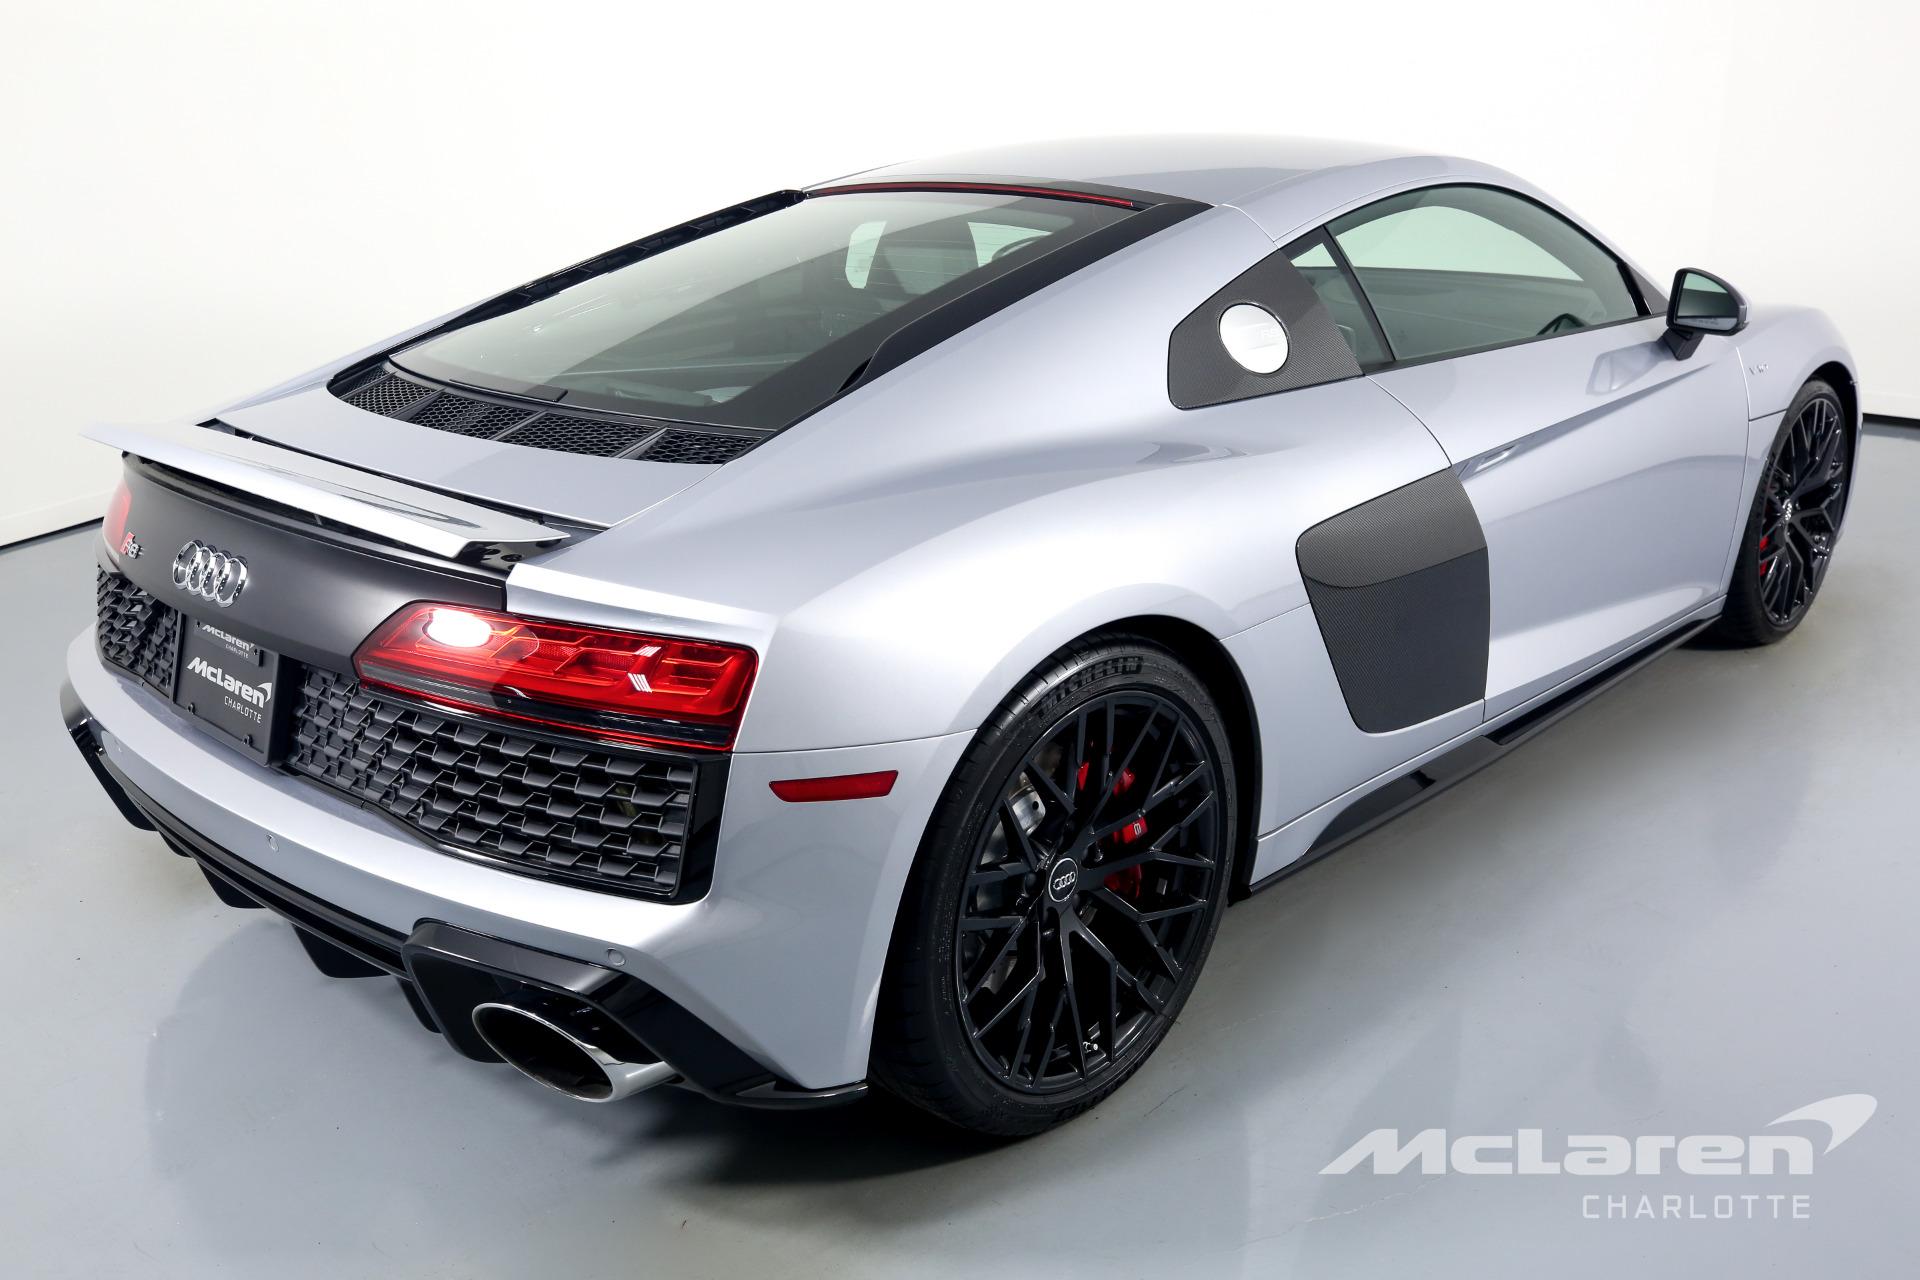 Used 2020 Audi R8 5.2 quattro V10 | Charlotte, NC